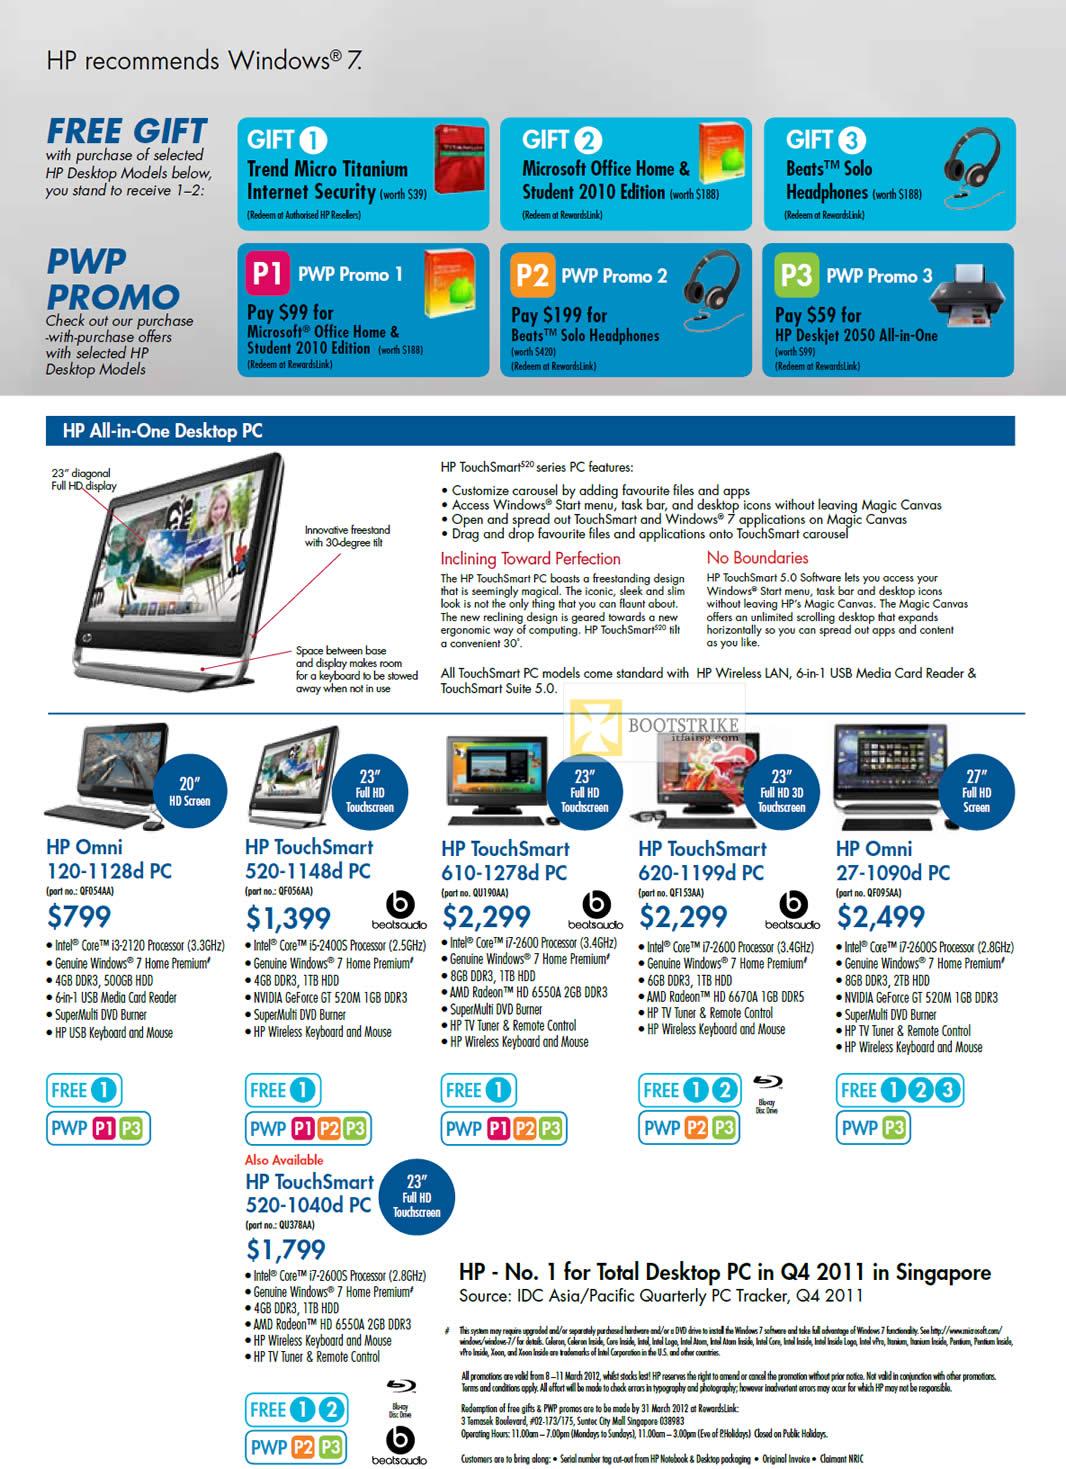 IT SHOW 2012 price list image brochure of HP AIO Desktop PC Omni 120-1128d, TouchSmart 520-1148d, 520-1040d, 610-1278d, 620-1199d, 27-1090d